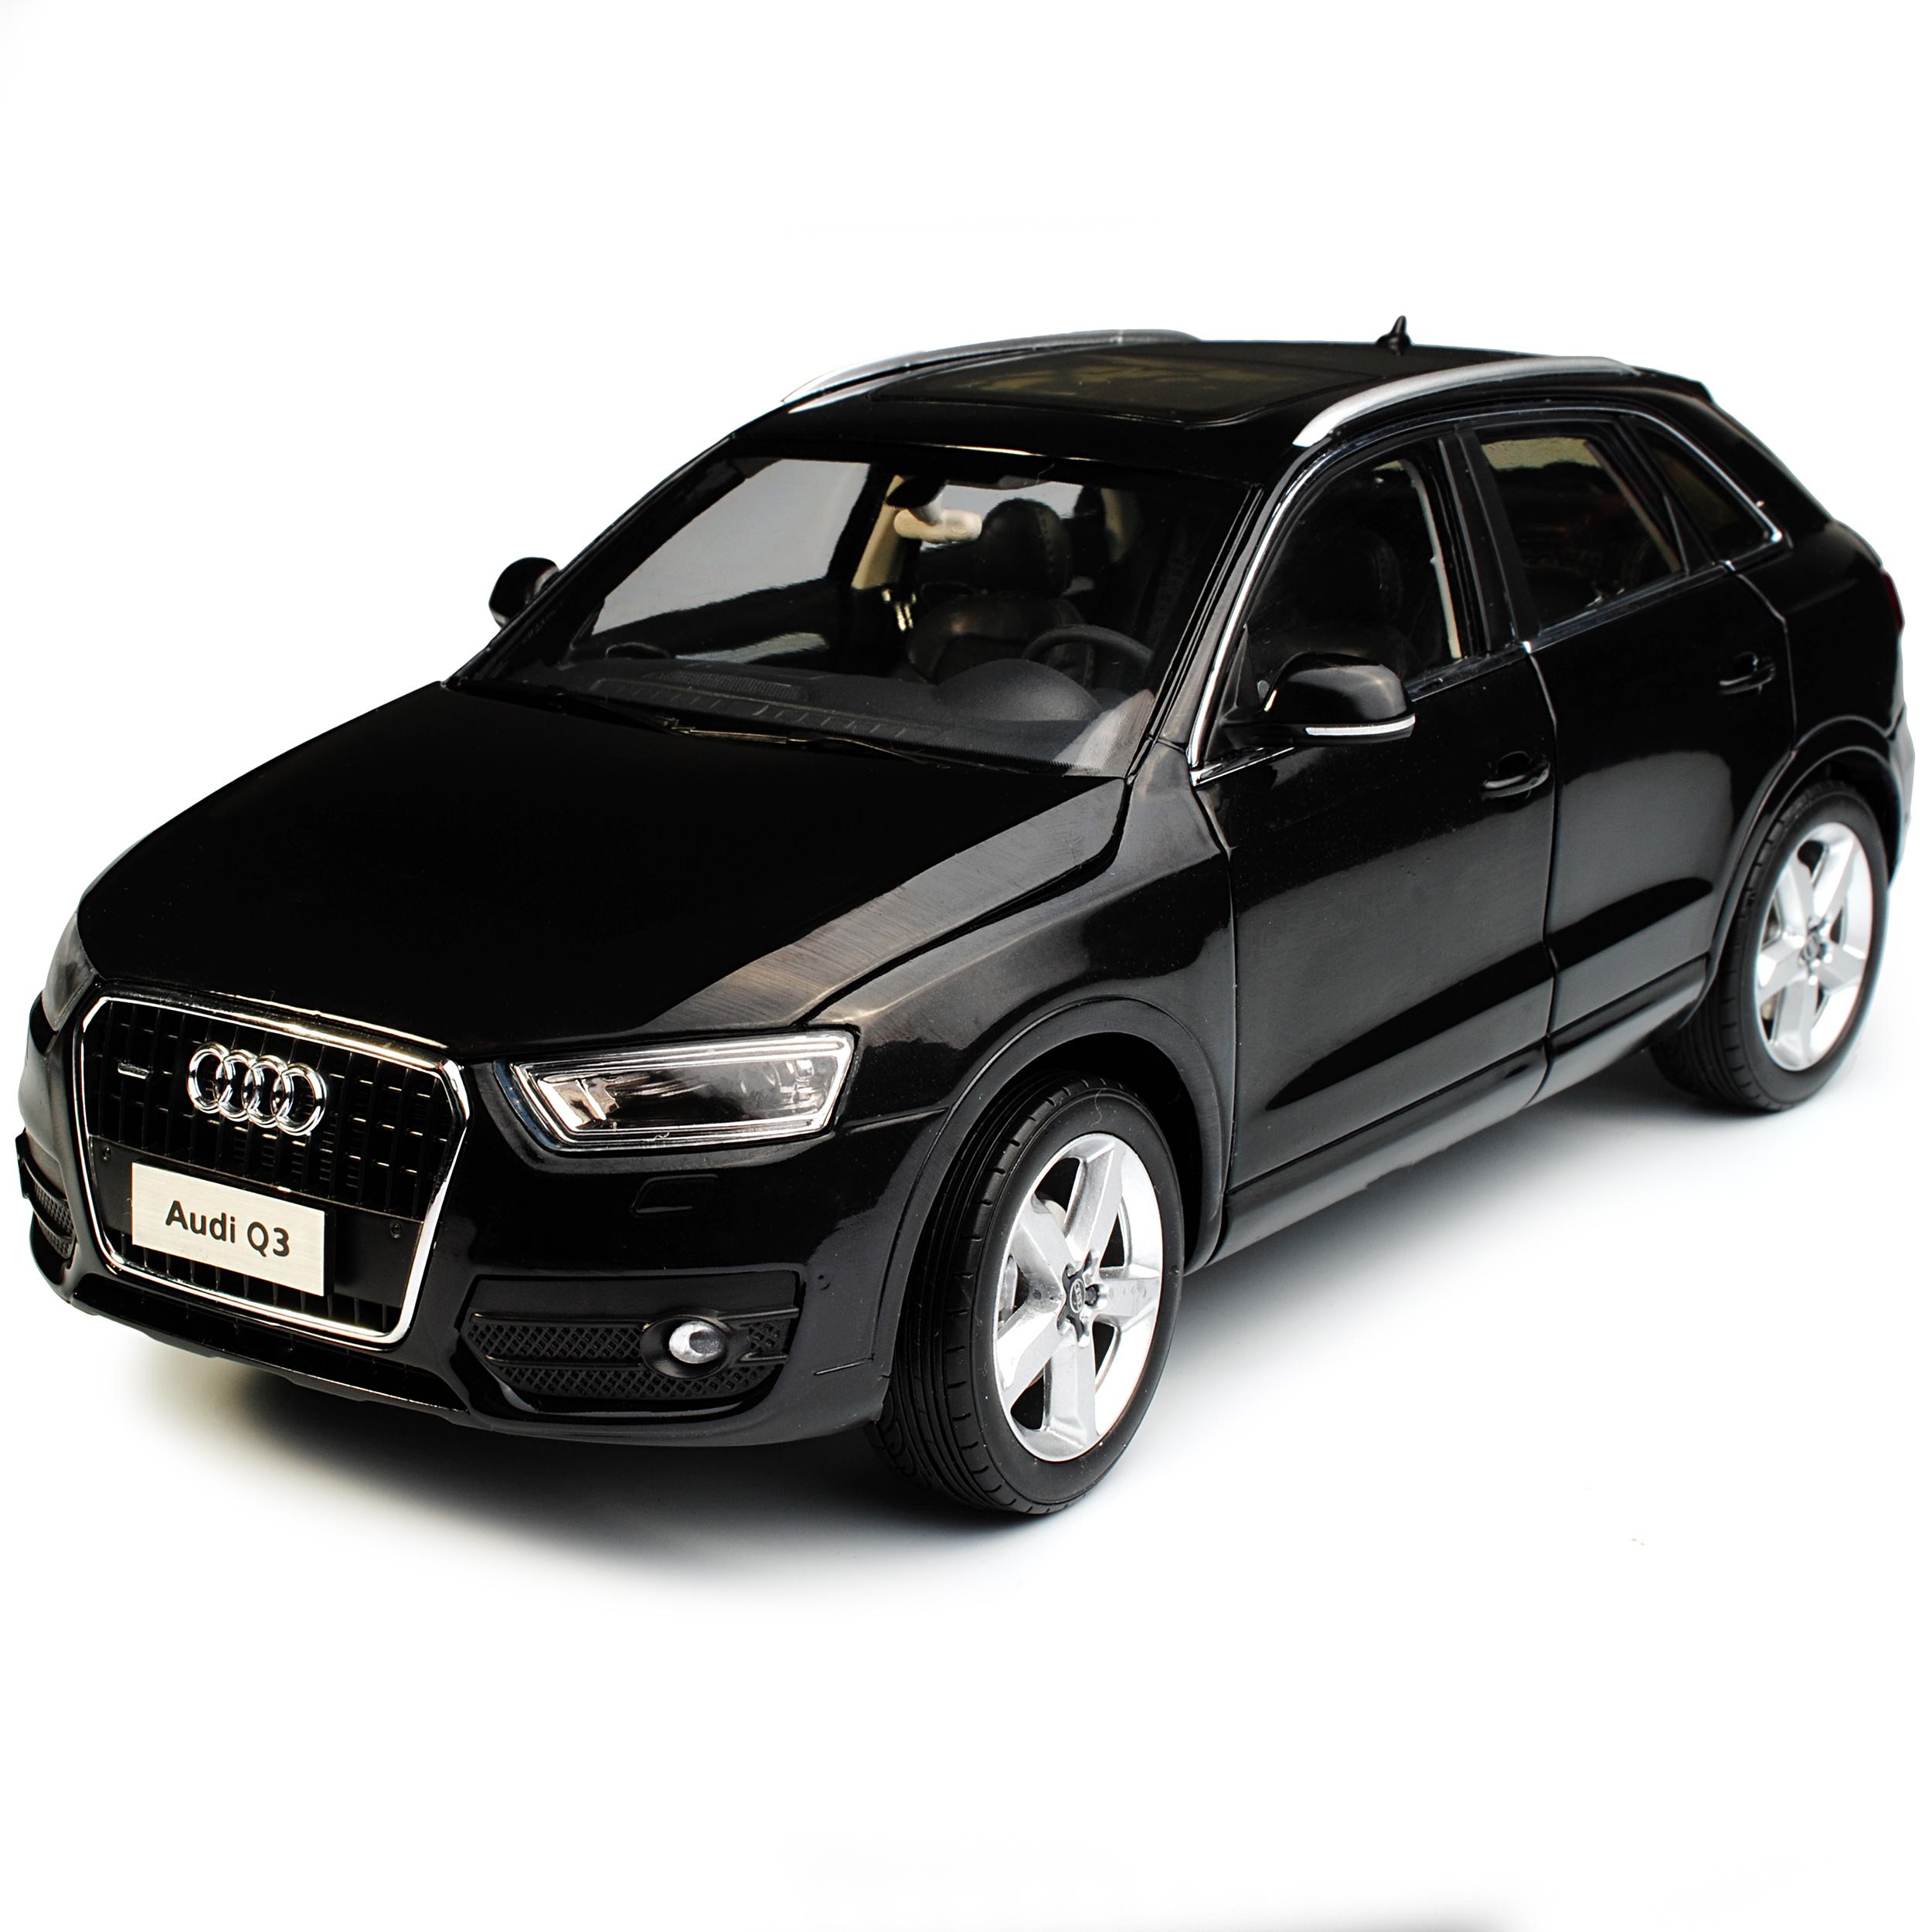 Audi Audi Audi Q3 8U SUV black Ab 2011 1 18 Paudi Modell Auto mit oder ohne individiue.. 9f50e7